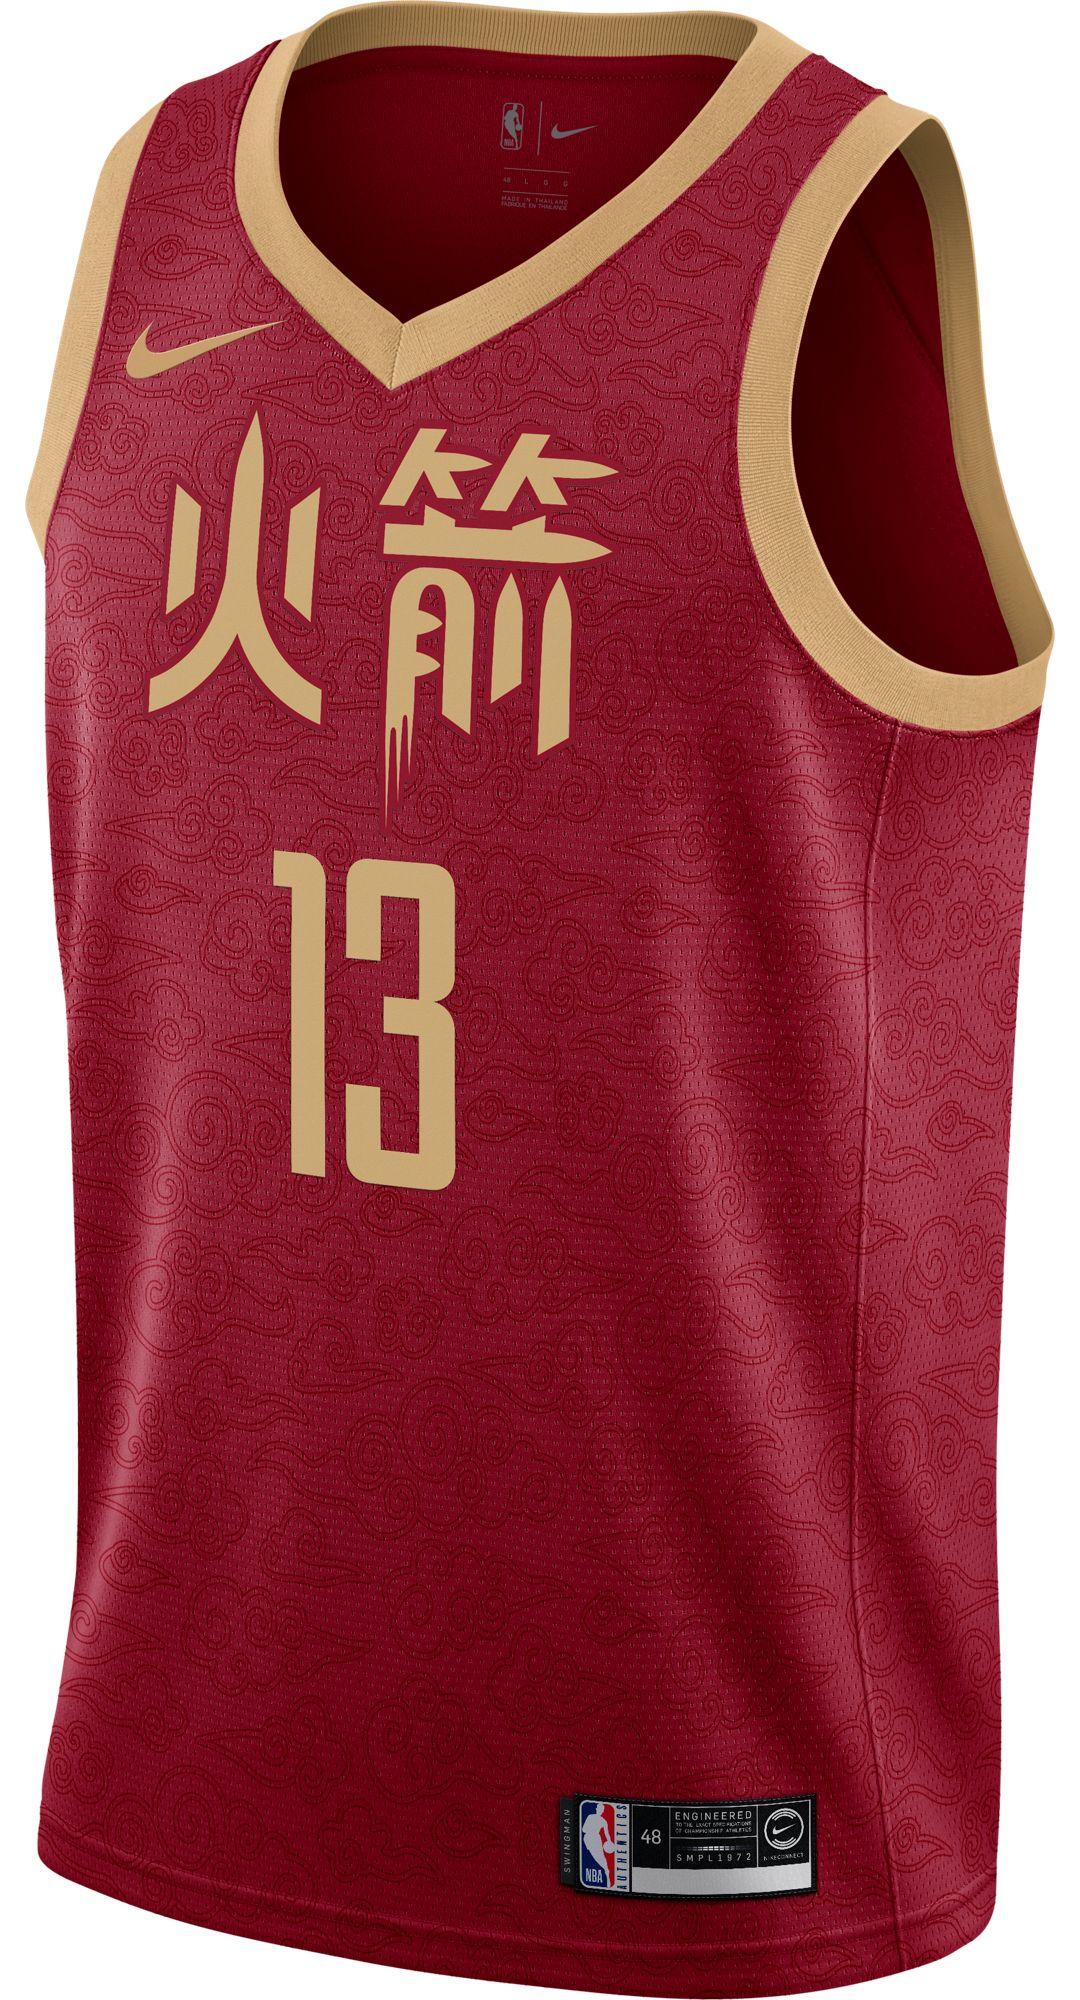 b17de59ebab Nike Men's Houston Rockets James Harden Dri-FIT City Edition Swingman  Jersey 2